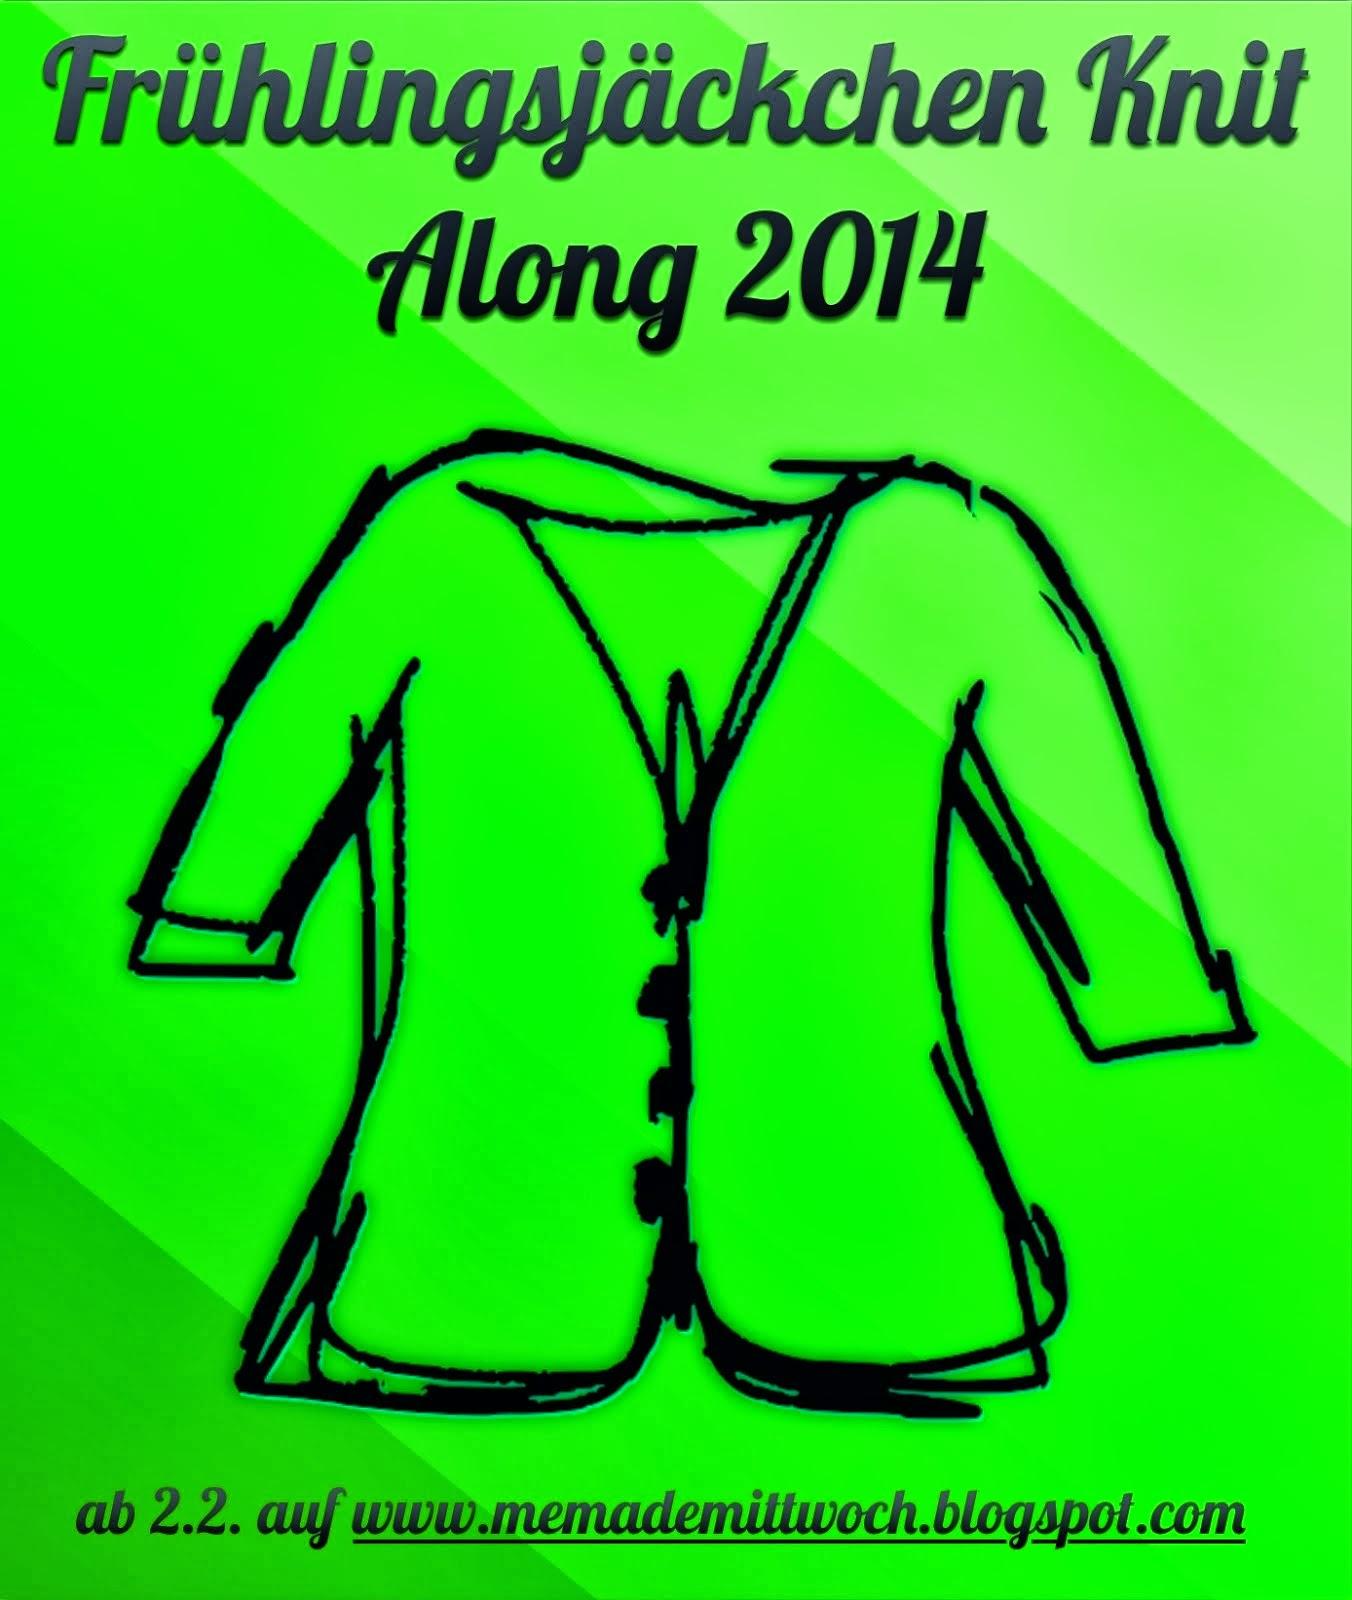 Knit Along 2014